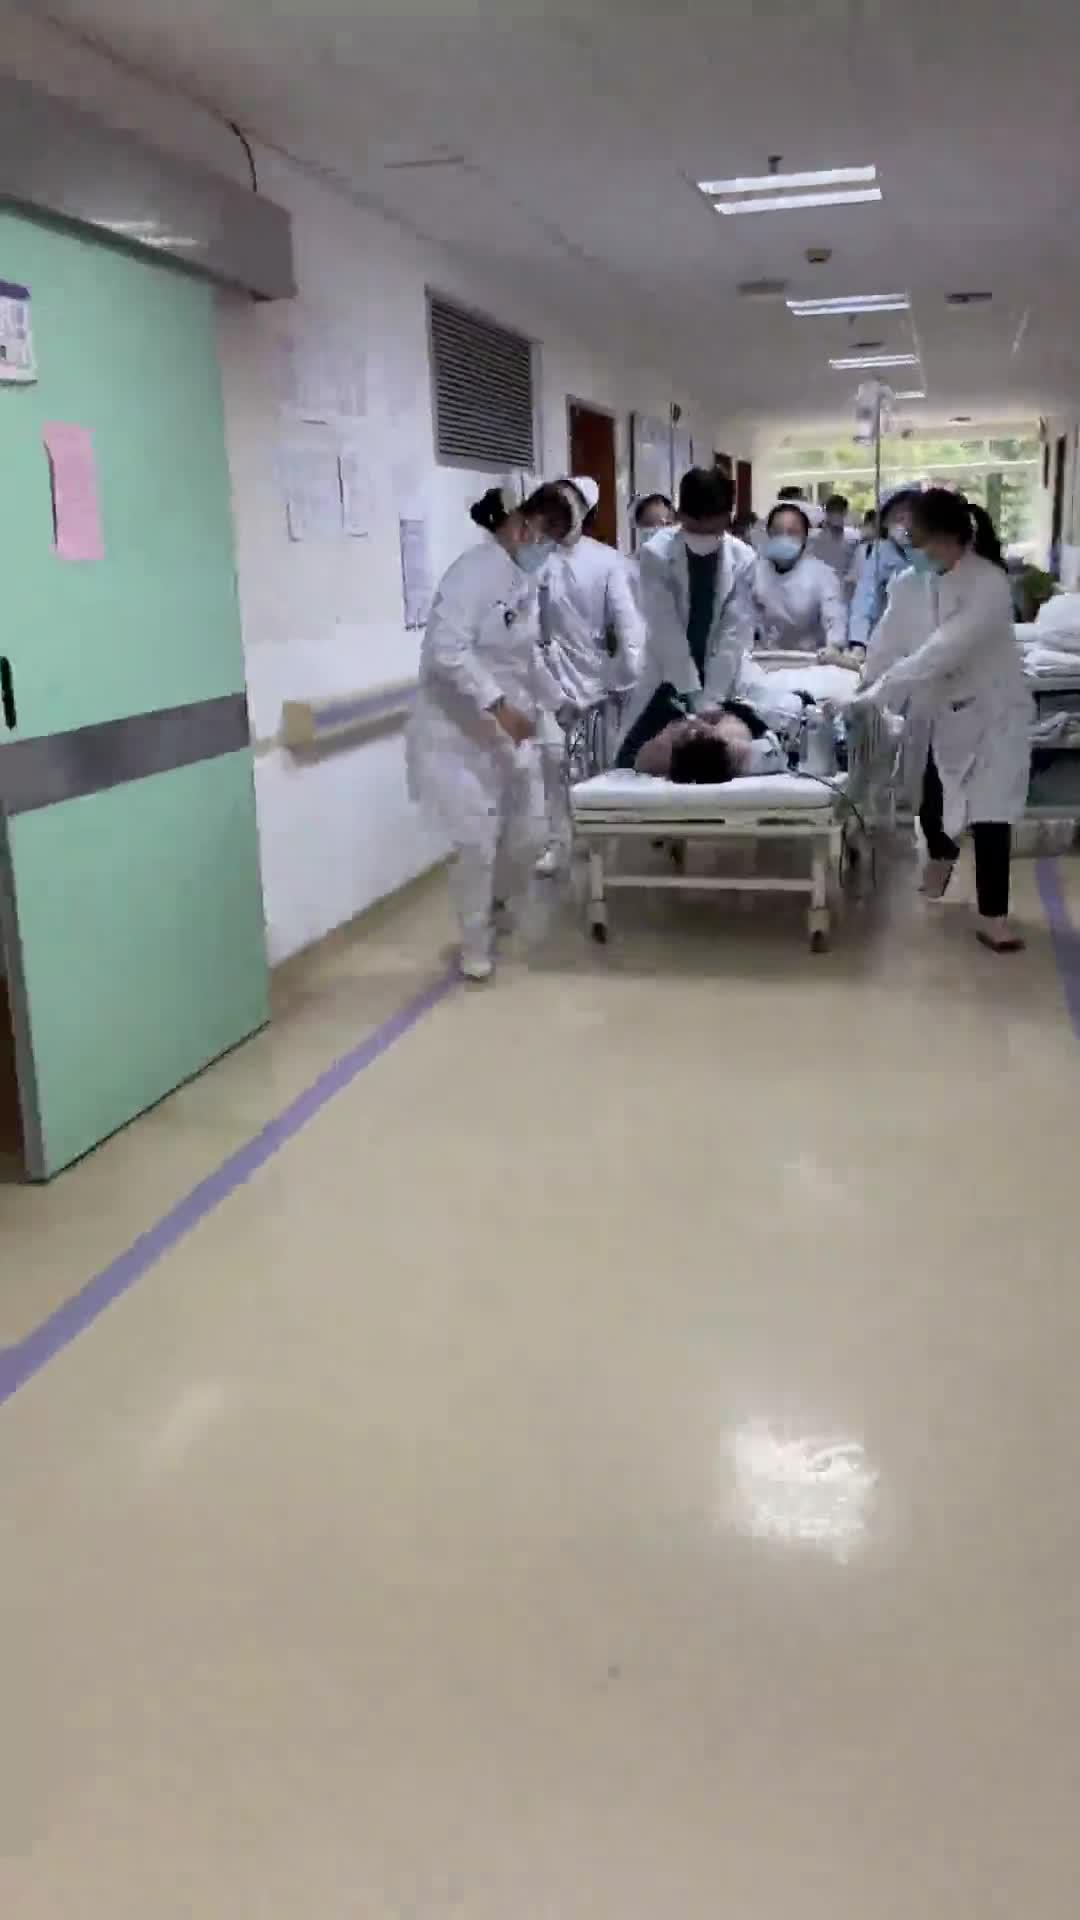 32岁男子心跳骤停,医生骑床抢救!很多人常年有这个习惯…